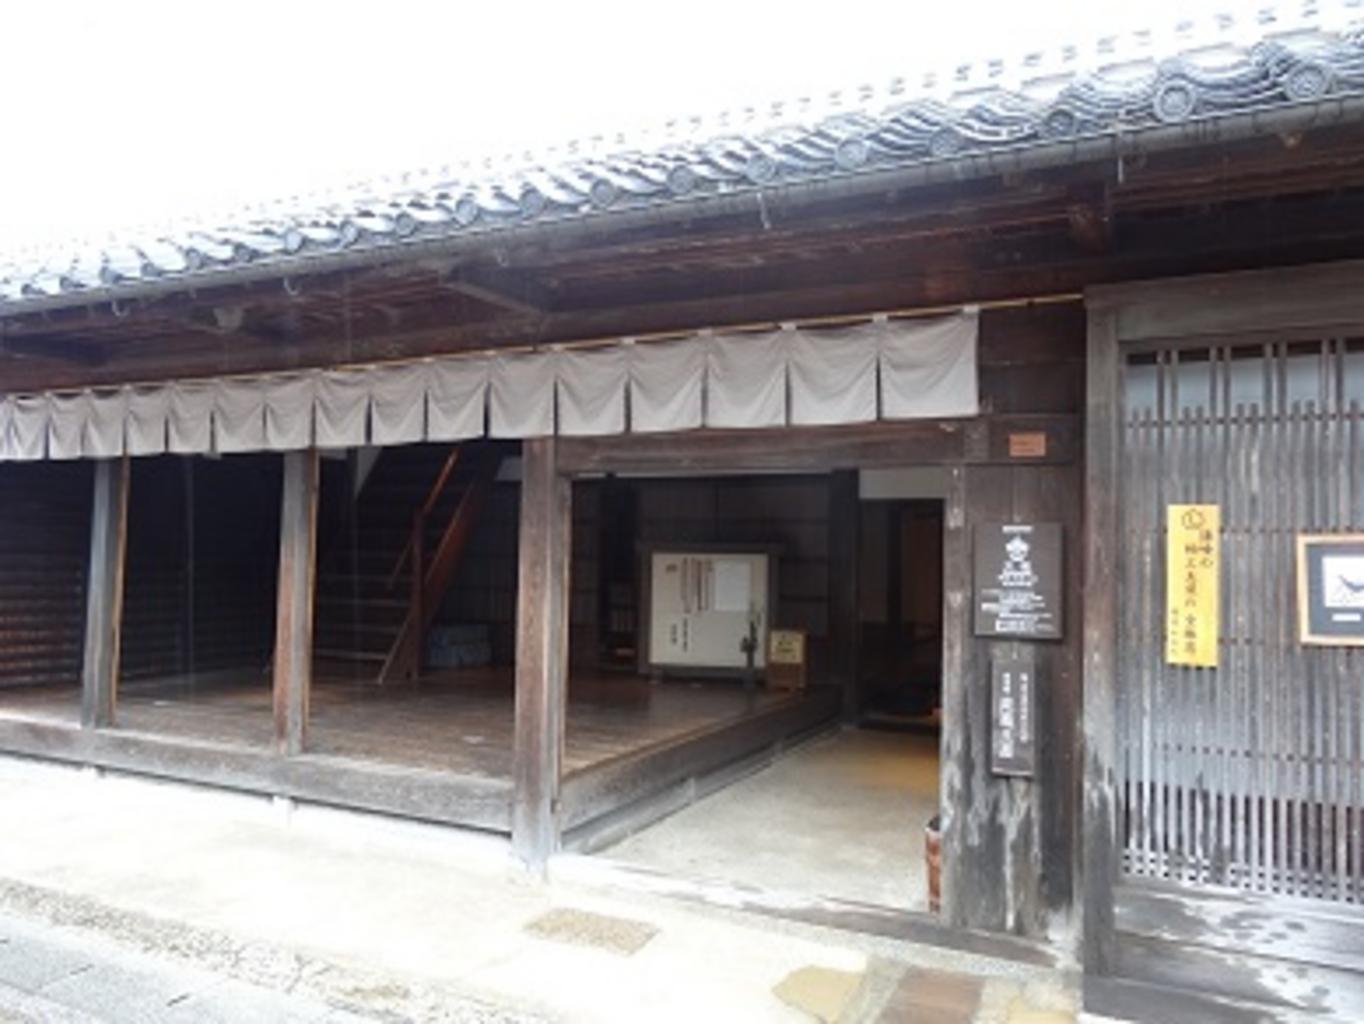 江戸時代の旅籠の様子がとてもよく分かります - 関宿旅籠玉屋歴史 ...